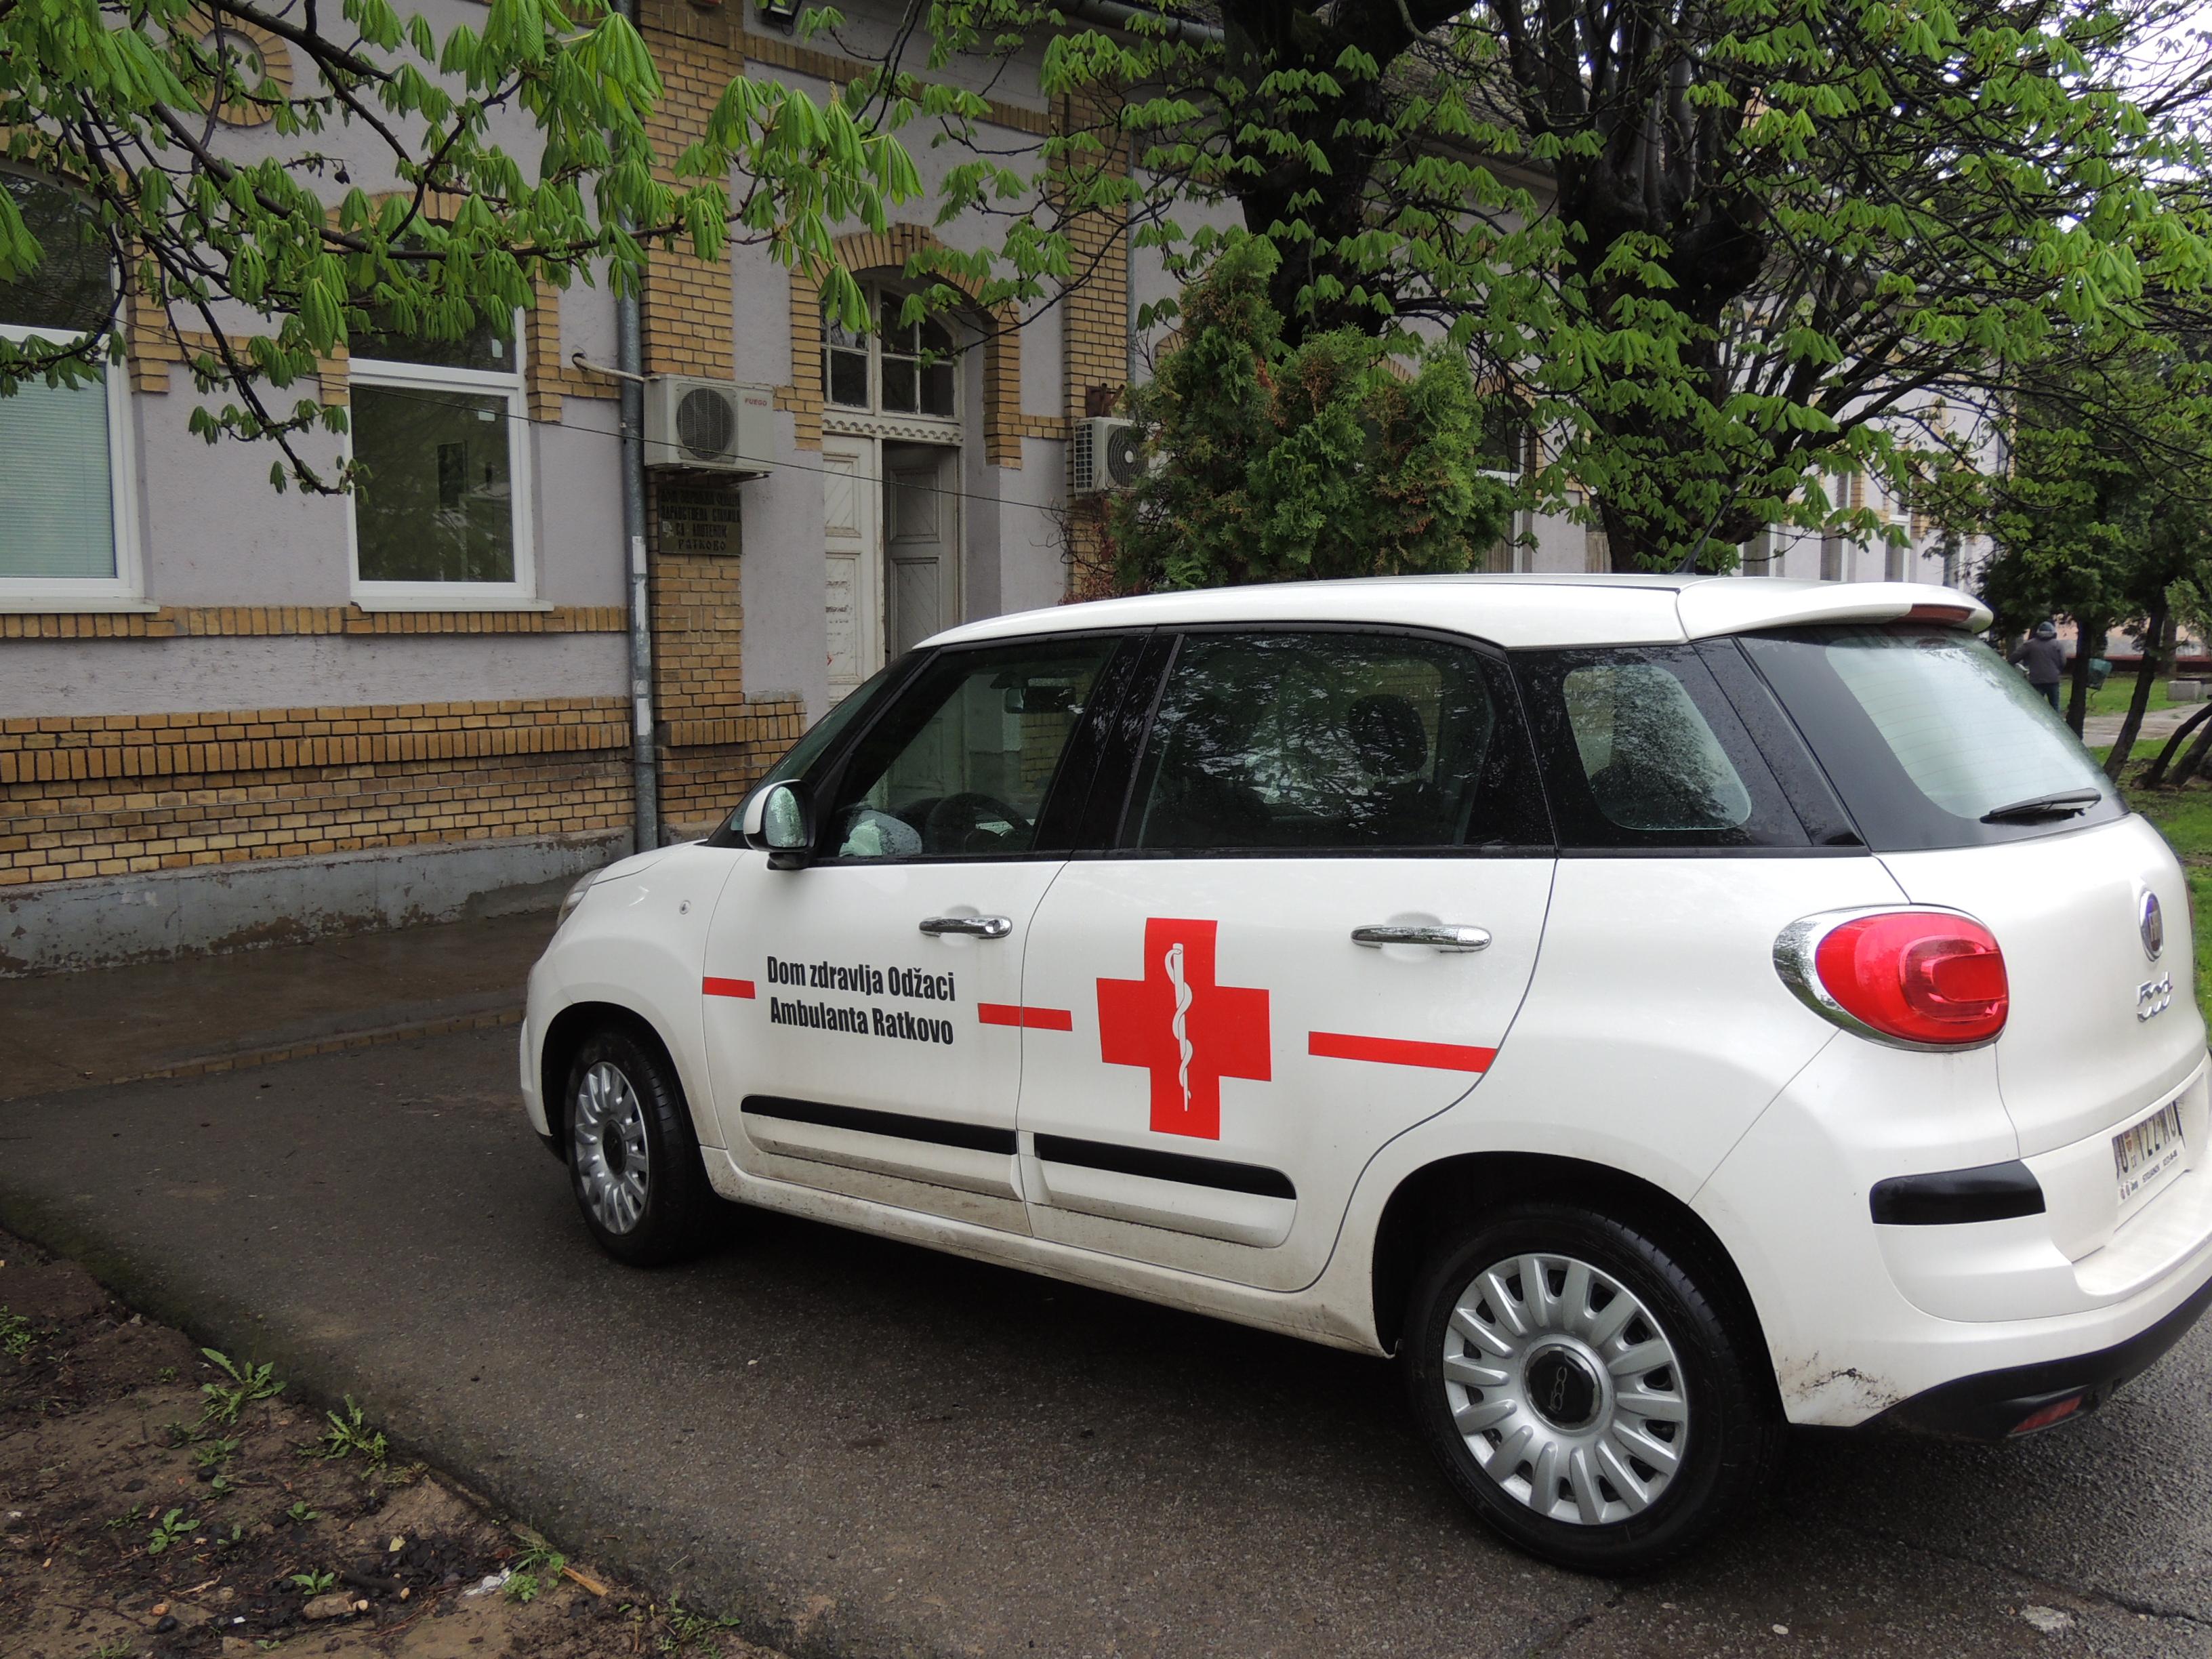 Phi Academy донирала аутомобил Дому здравља Оџаци